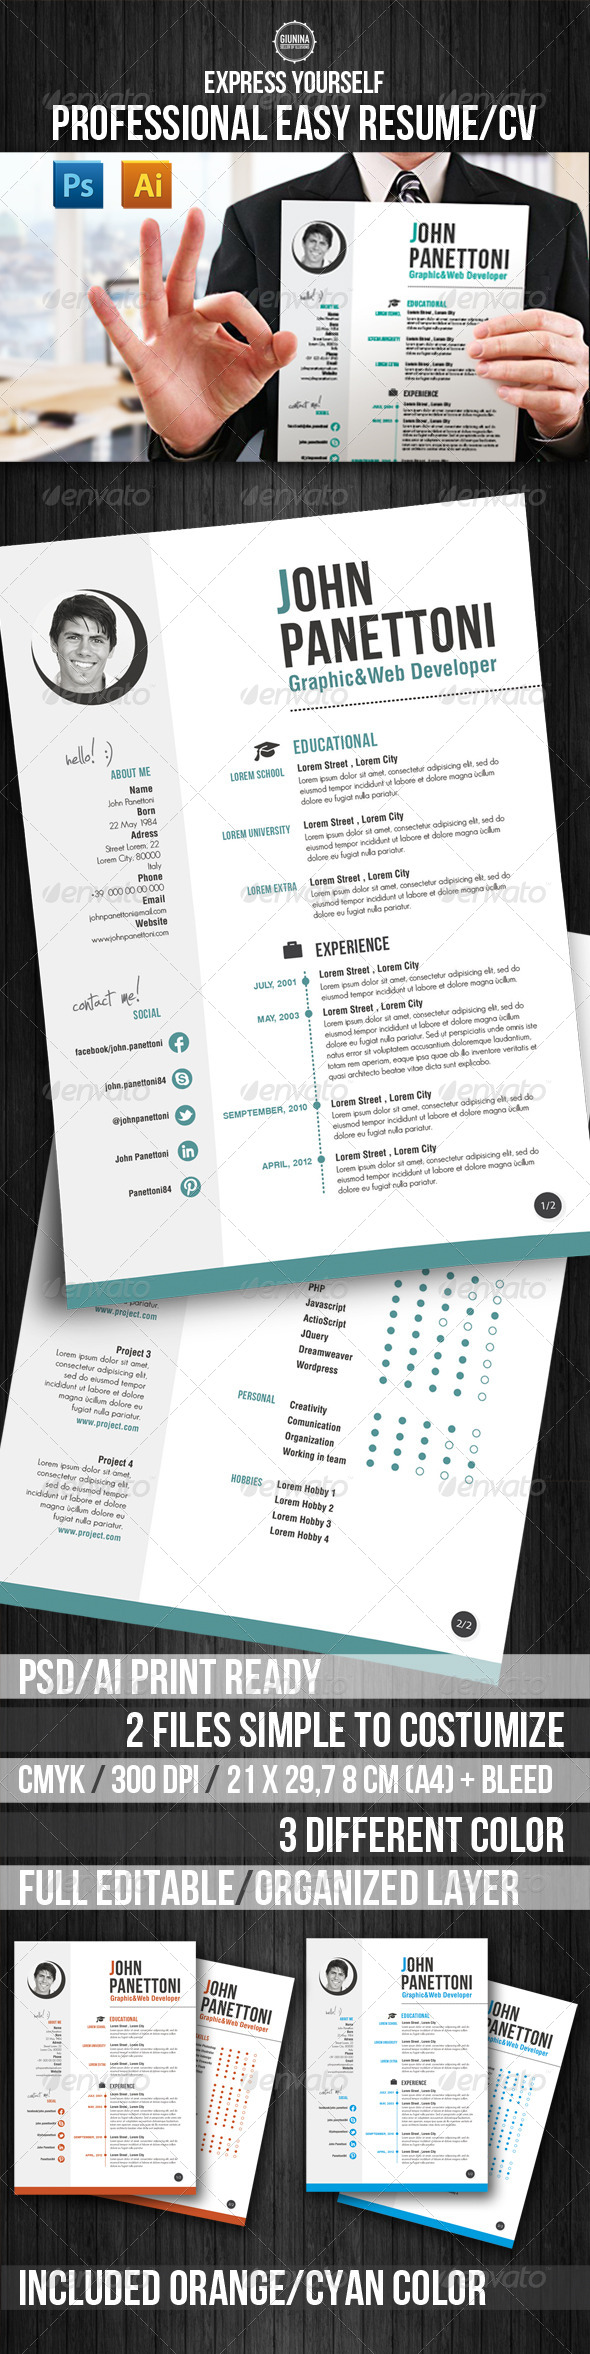 easy resumes easy resumes Idealvistalistco